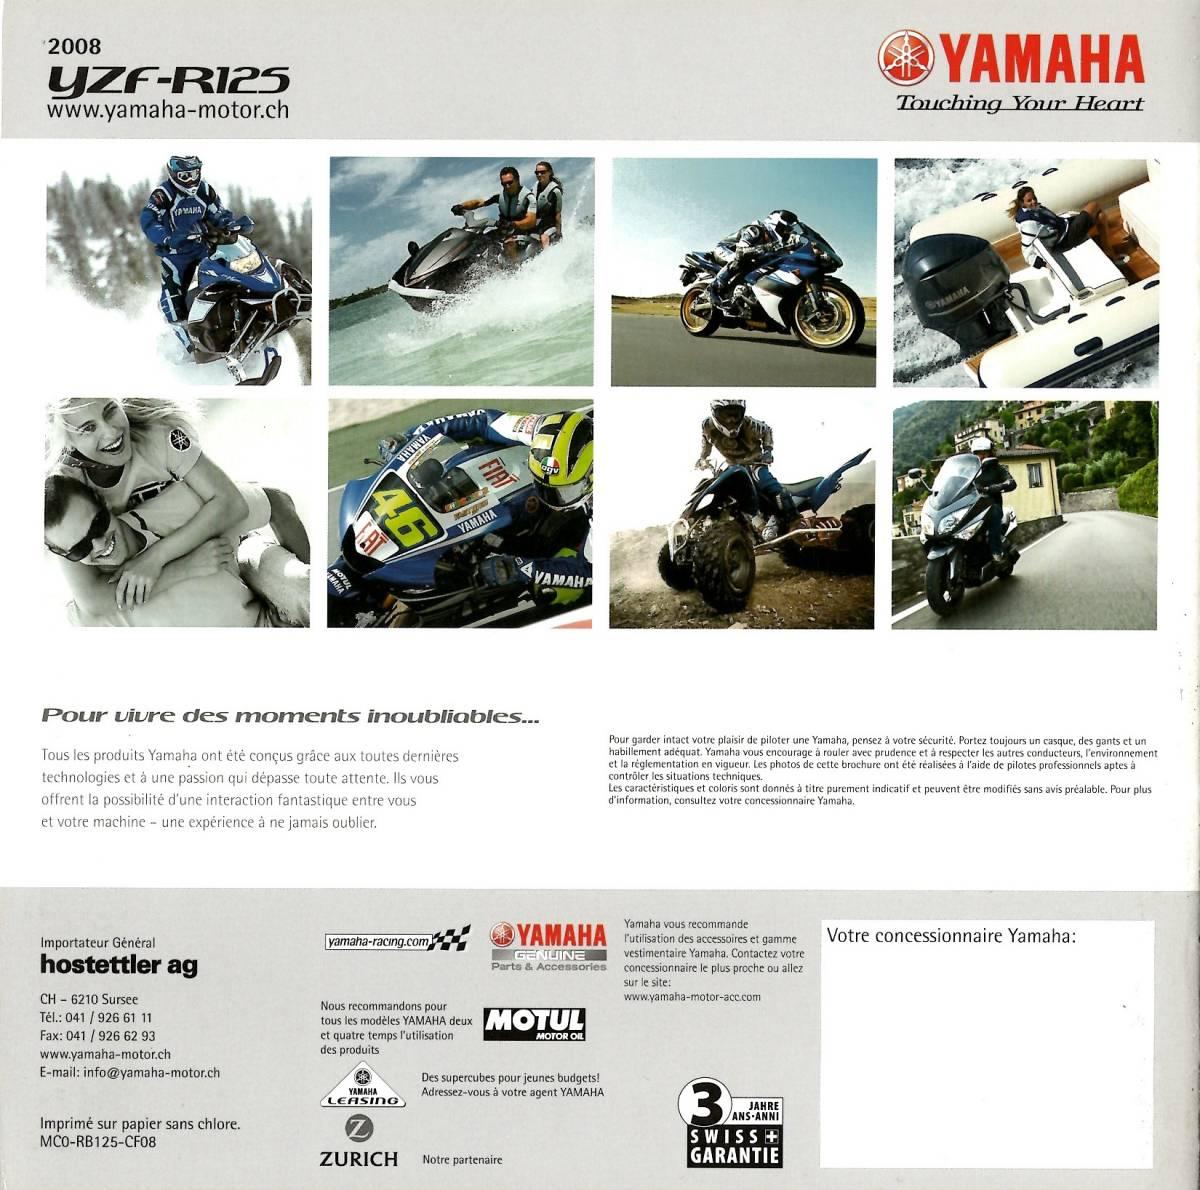 欧州版 ヤマハ 2008年 YZF-R125 カタログ。単品カタログはめったに出ないです。_画像5